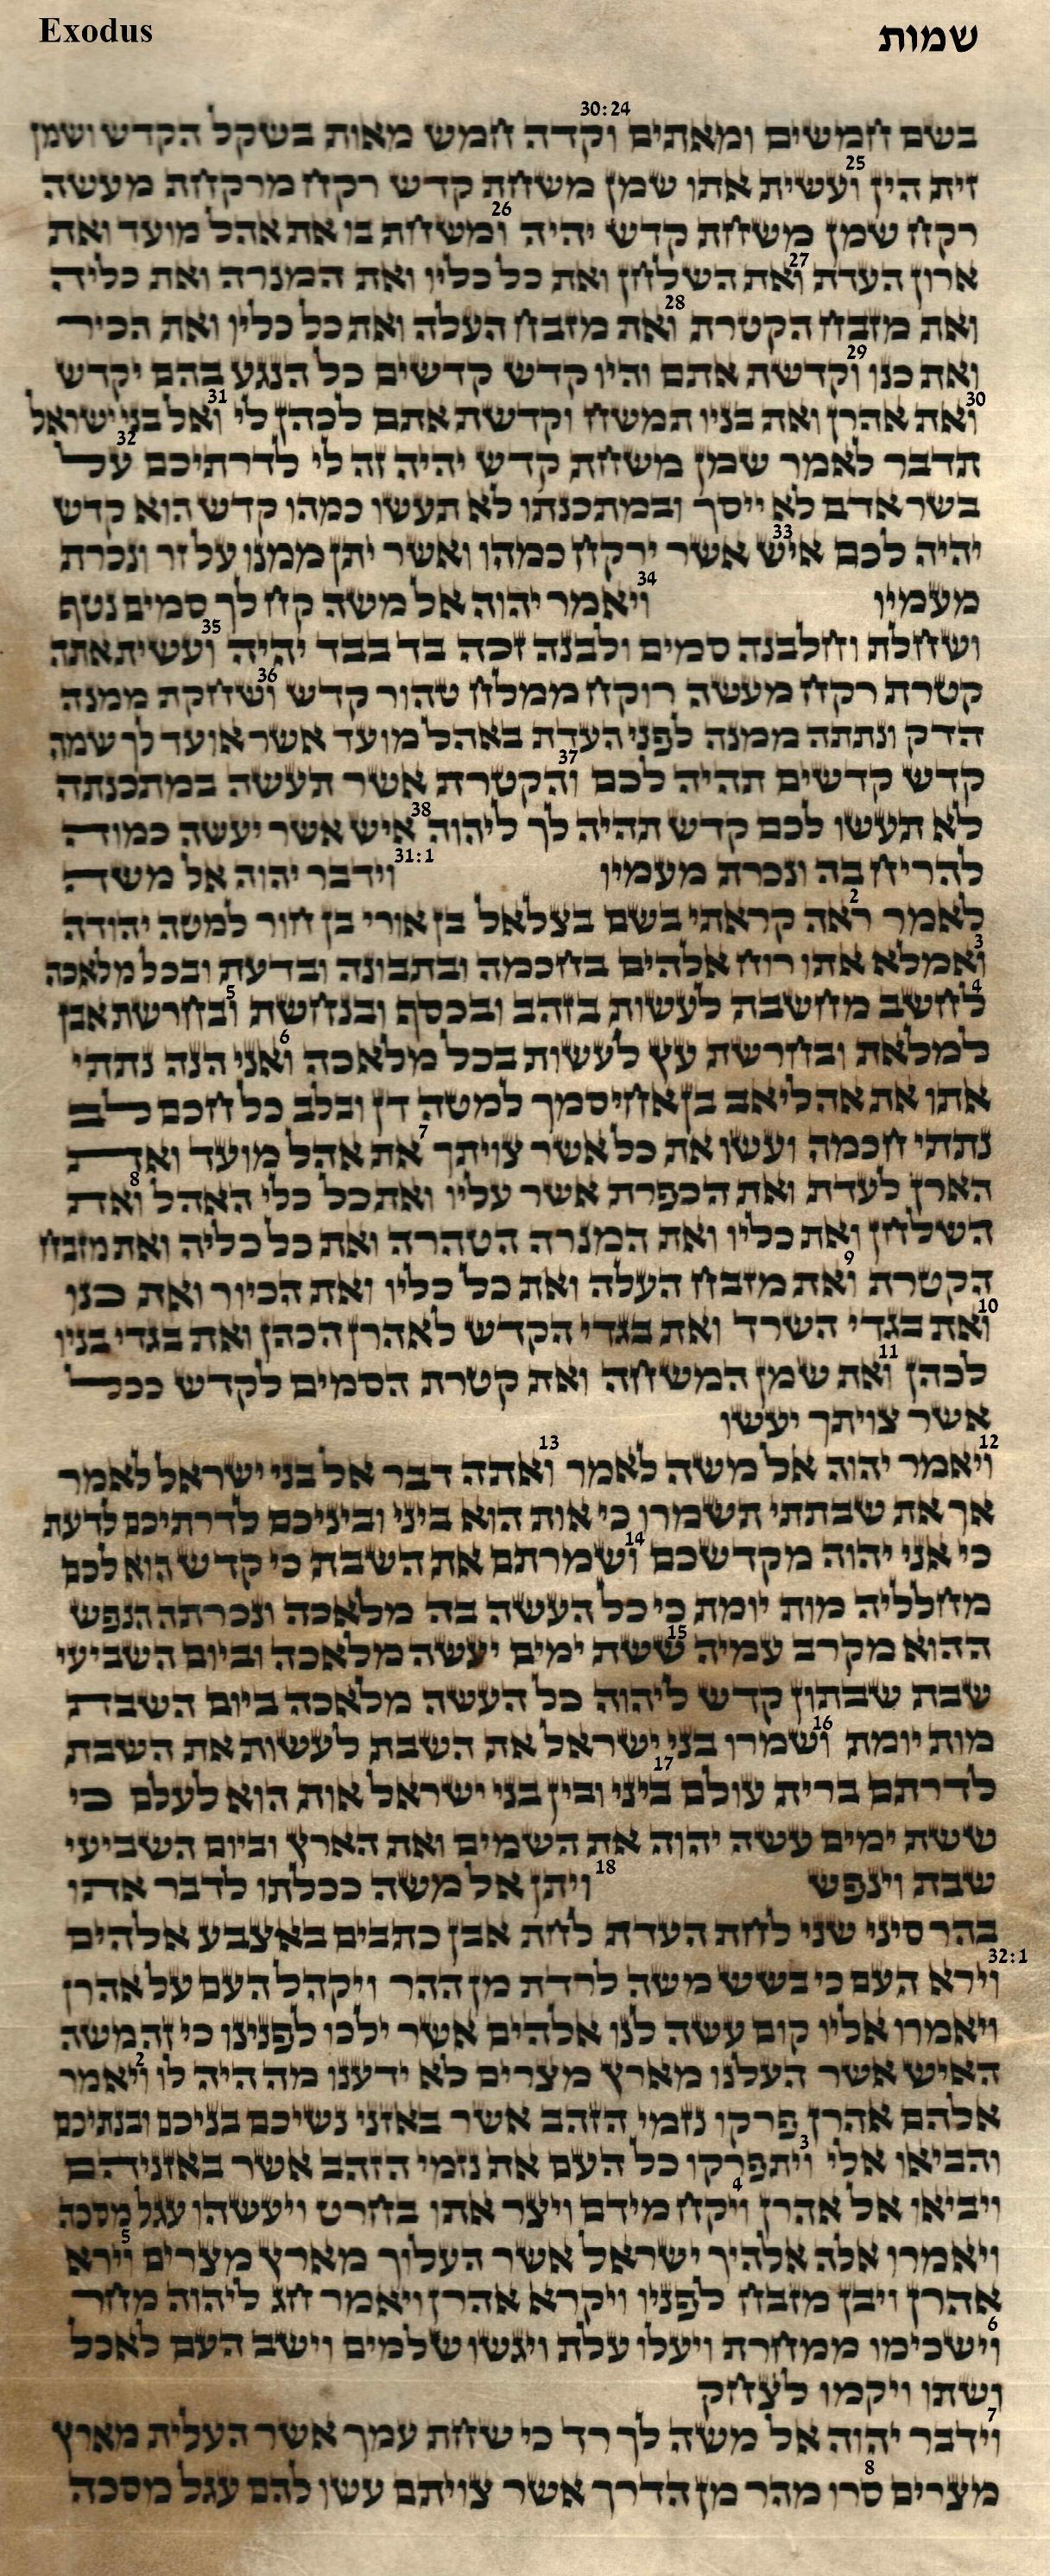 Exodus 30.24 - 32.8